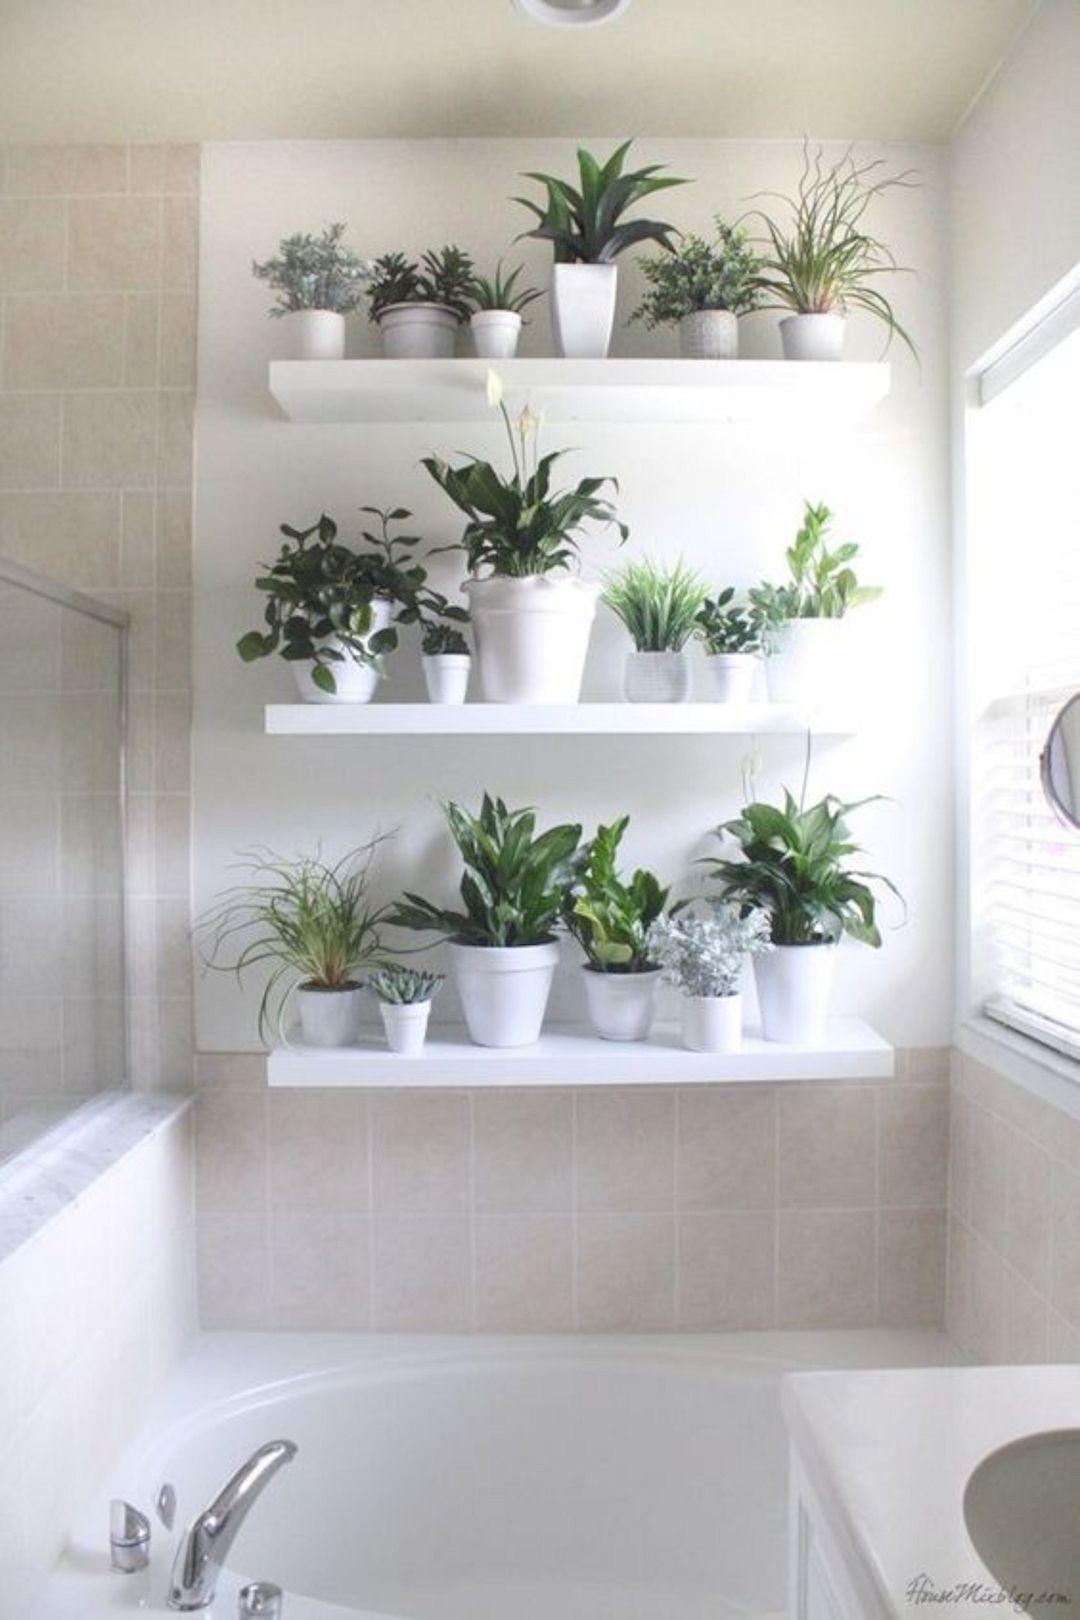 19 Unique Home Decor Ideas With Plants Ikea Lack Shelves Plant Wall Bathroom Plants